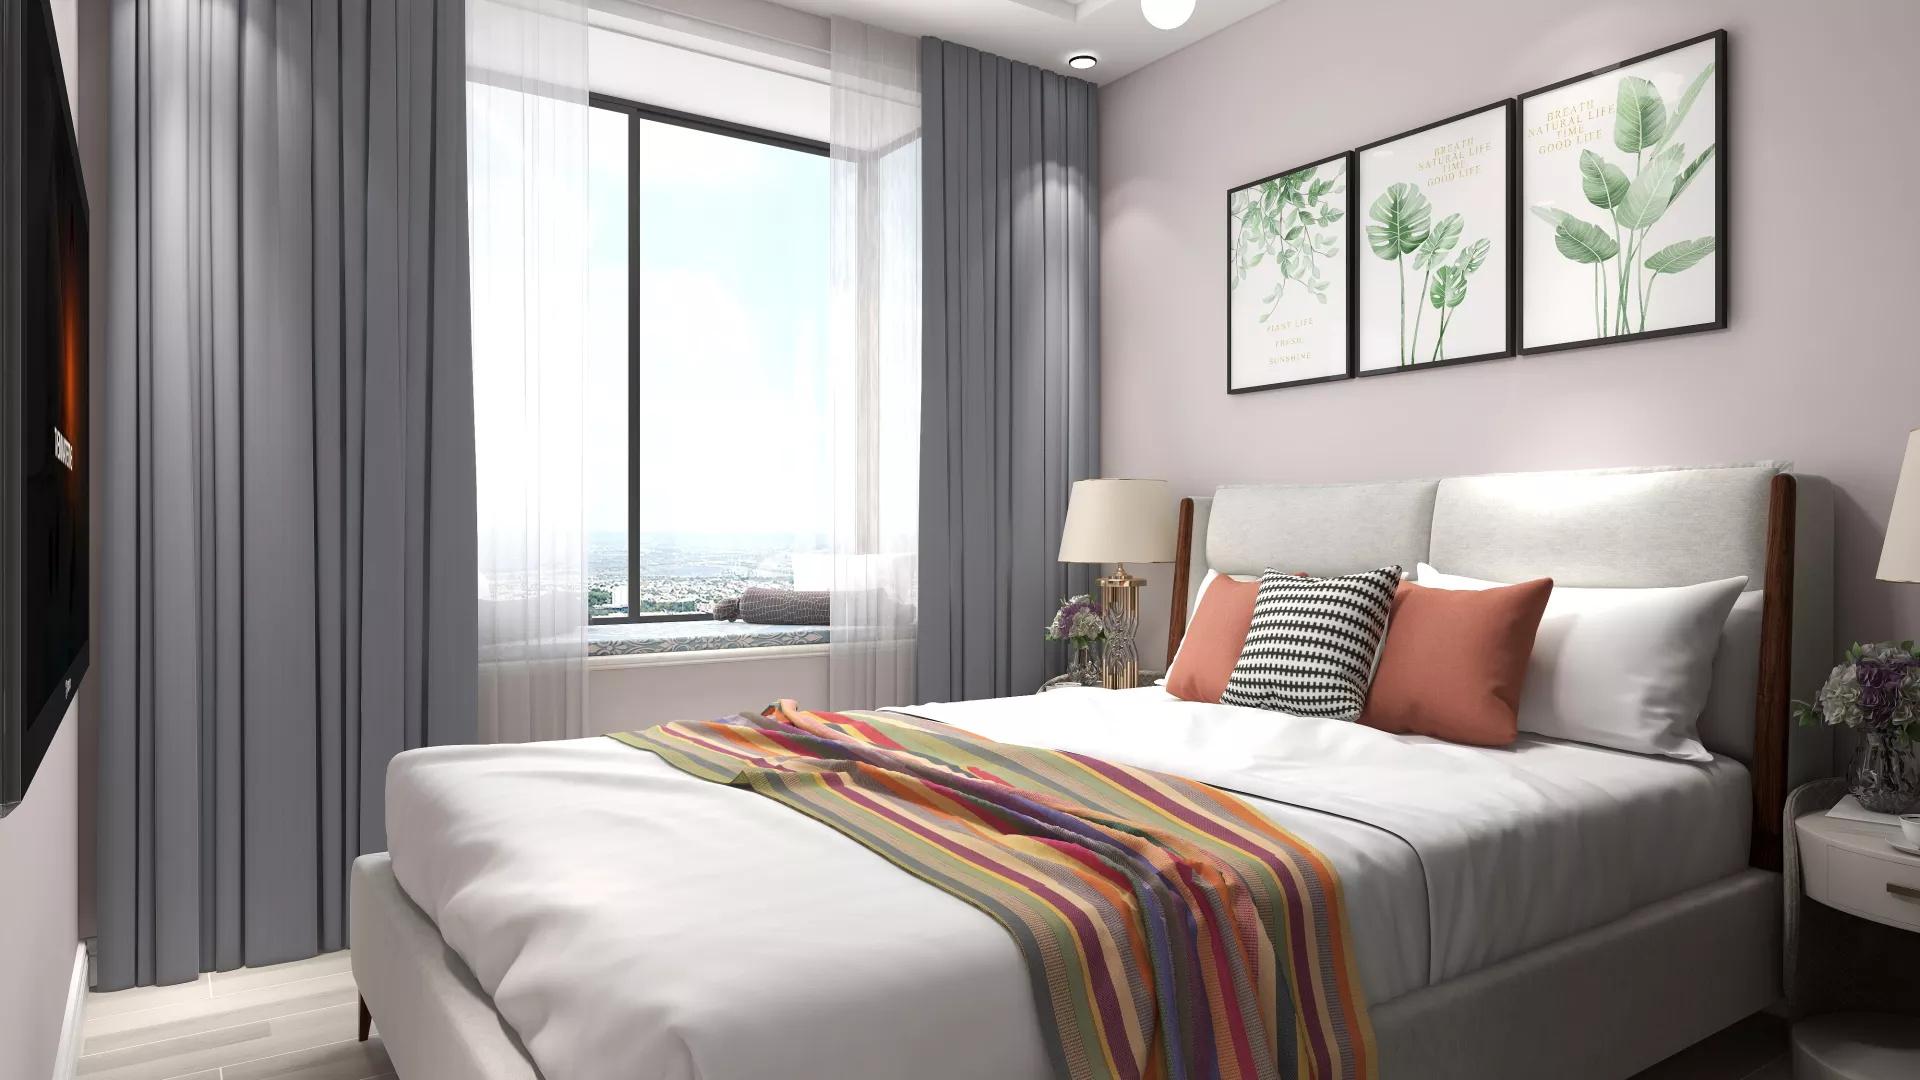 66㎡时尚简约风格小户型公寓装修效果图